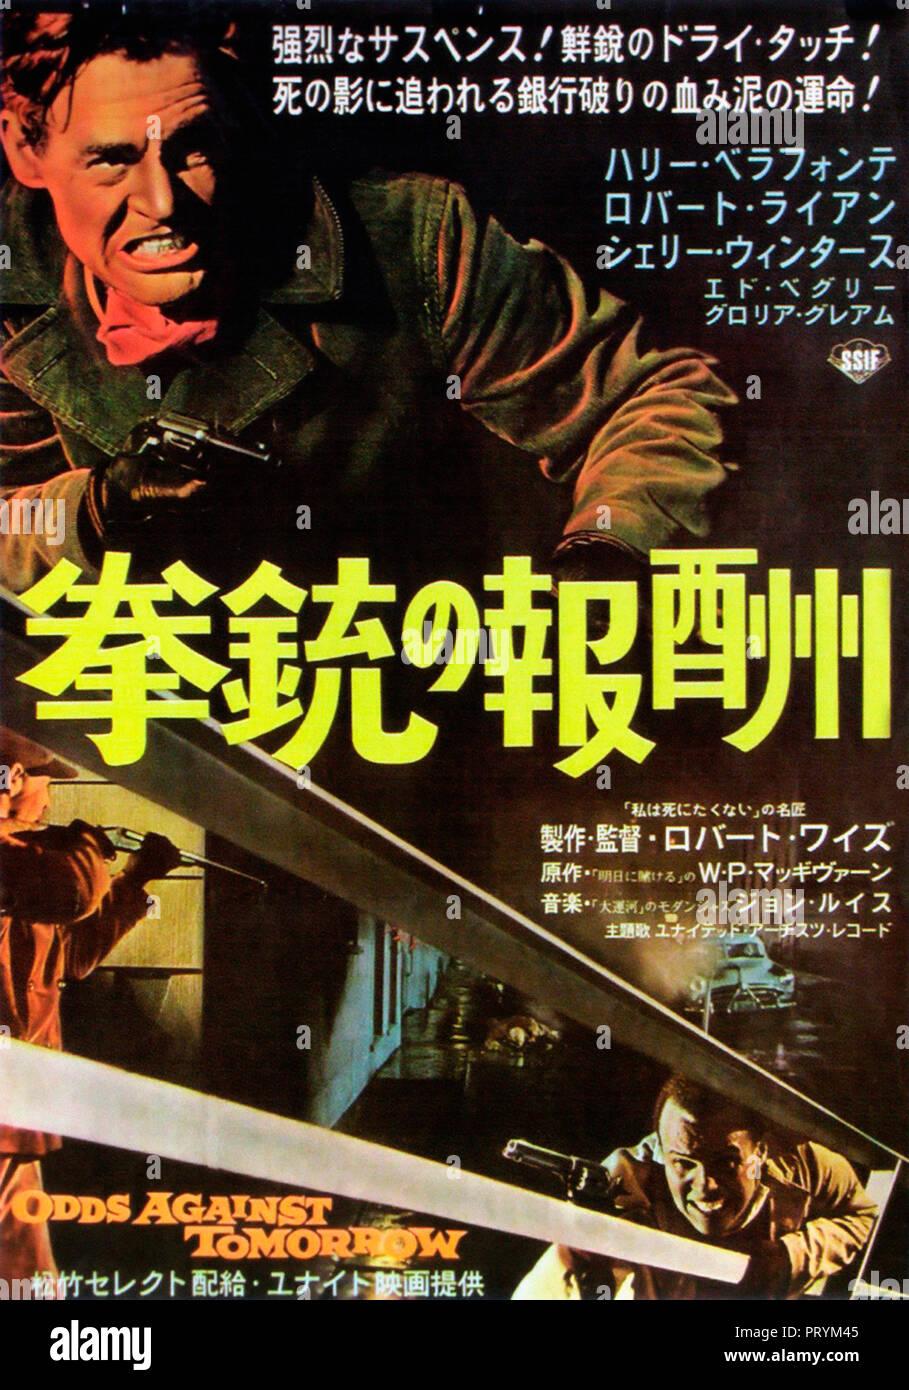 Prod DB © United Artists - HarBel Productions / DR LE COUP DE L'ESCALIER (ODDS AGAINST TOMORROW) de Robert Wise 1959 USA affiche japonaise avec Robert - Stock Image